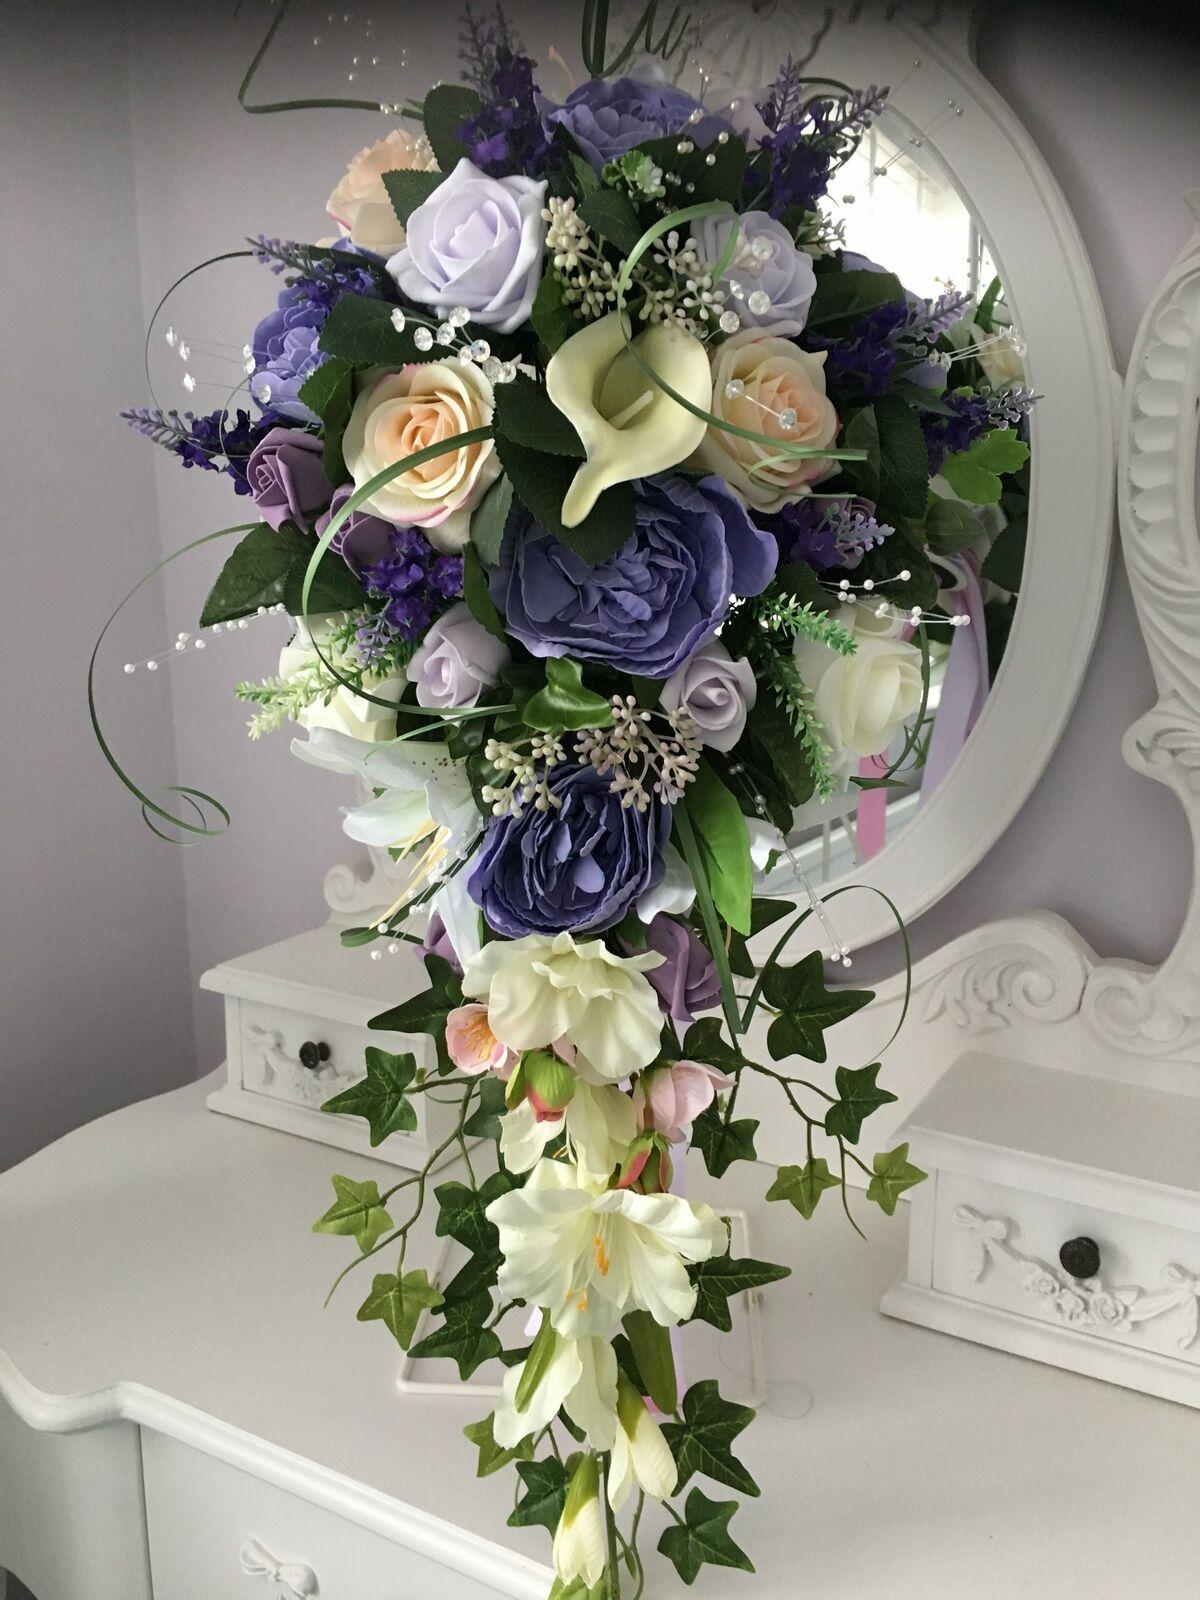 Bridal teardrop shower bouquet natural summer look